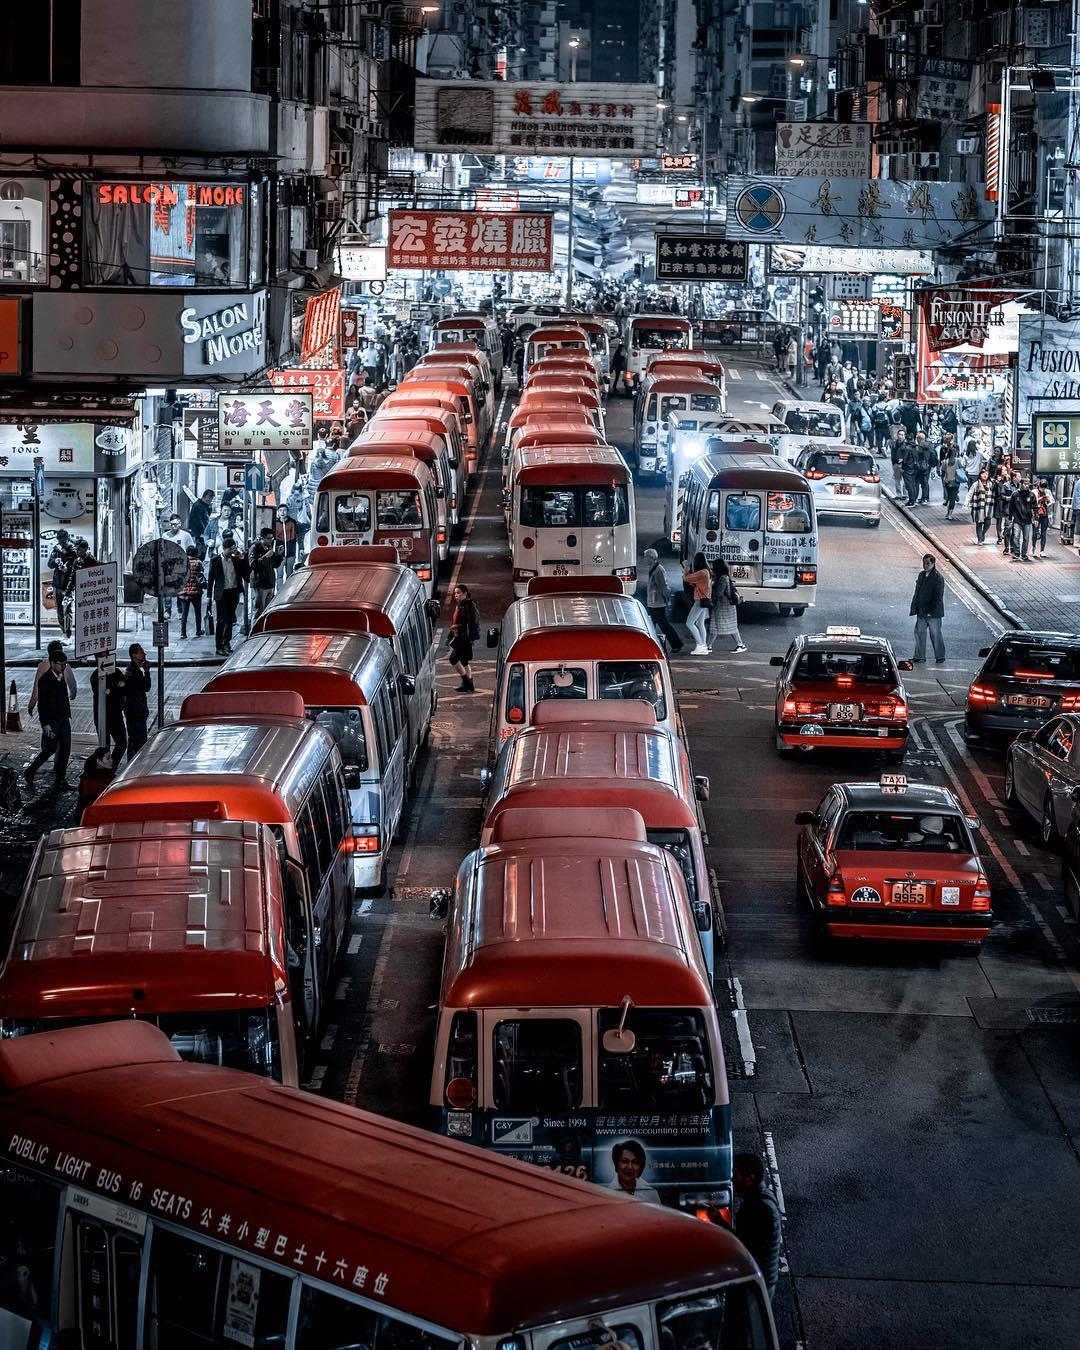 Потрясающие городские фотографии от Джеффа Денга